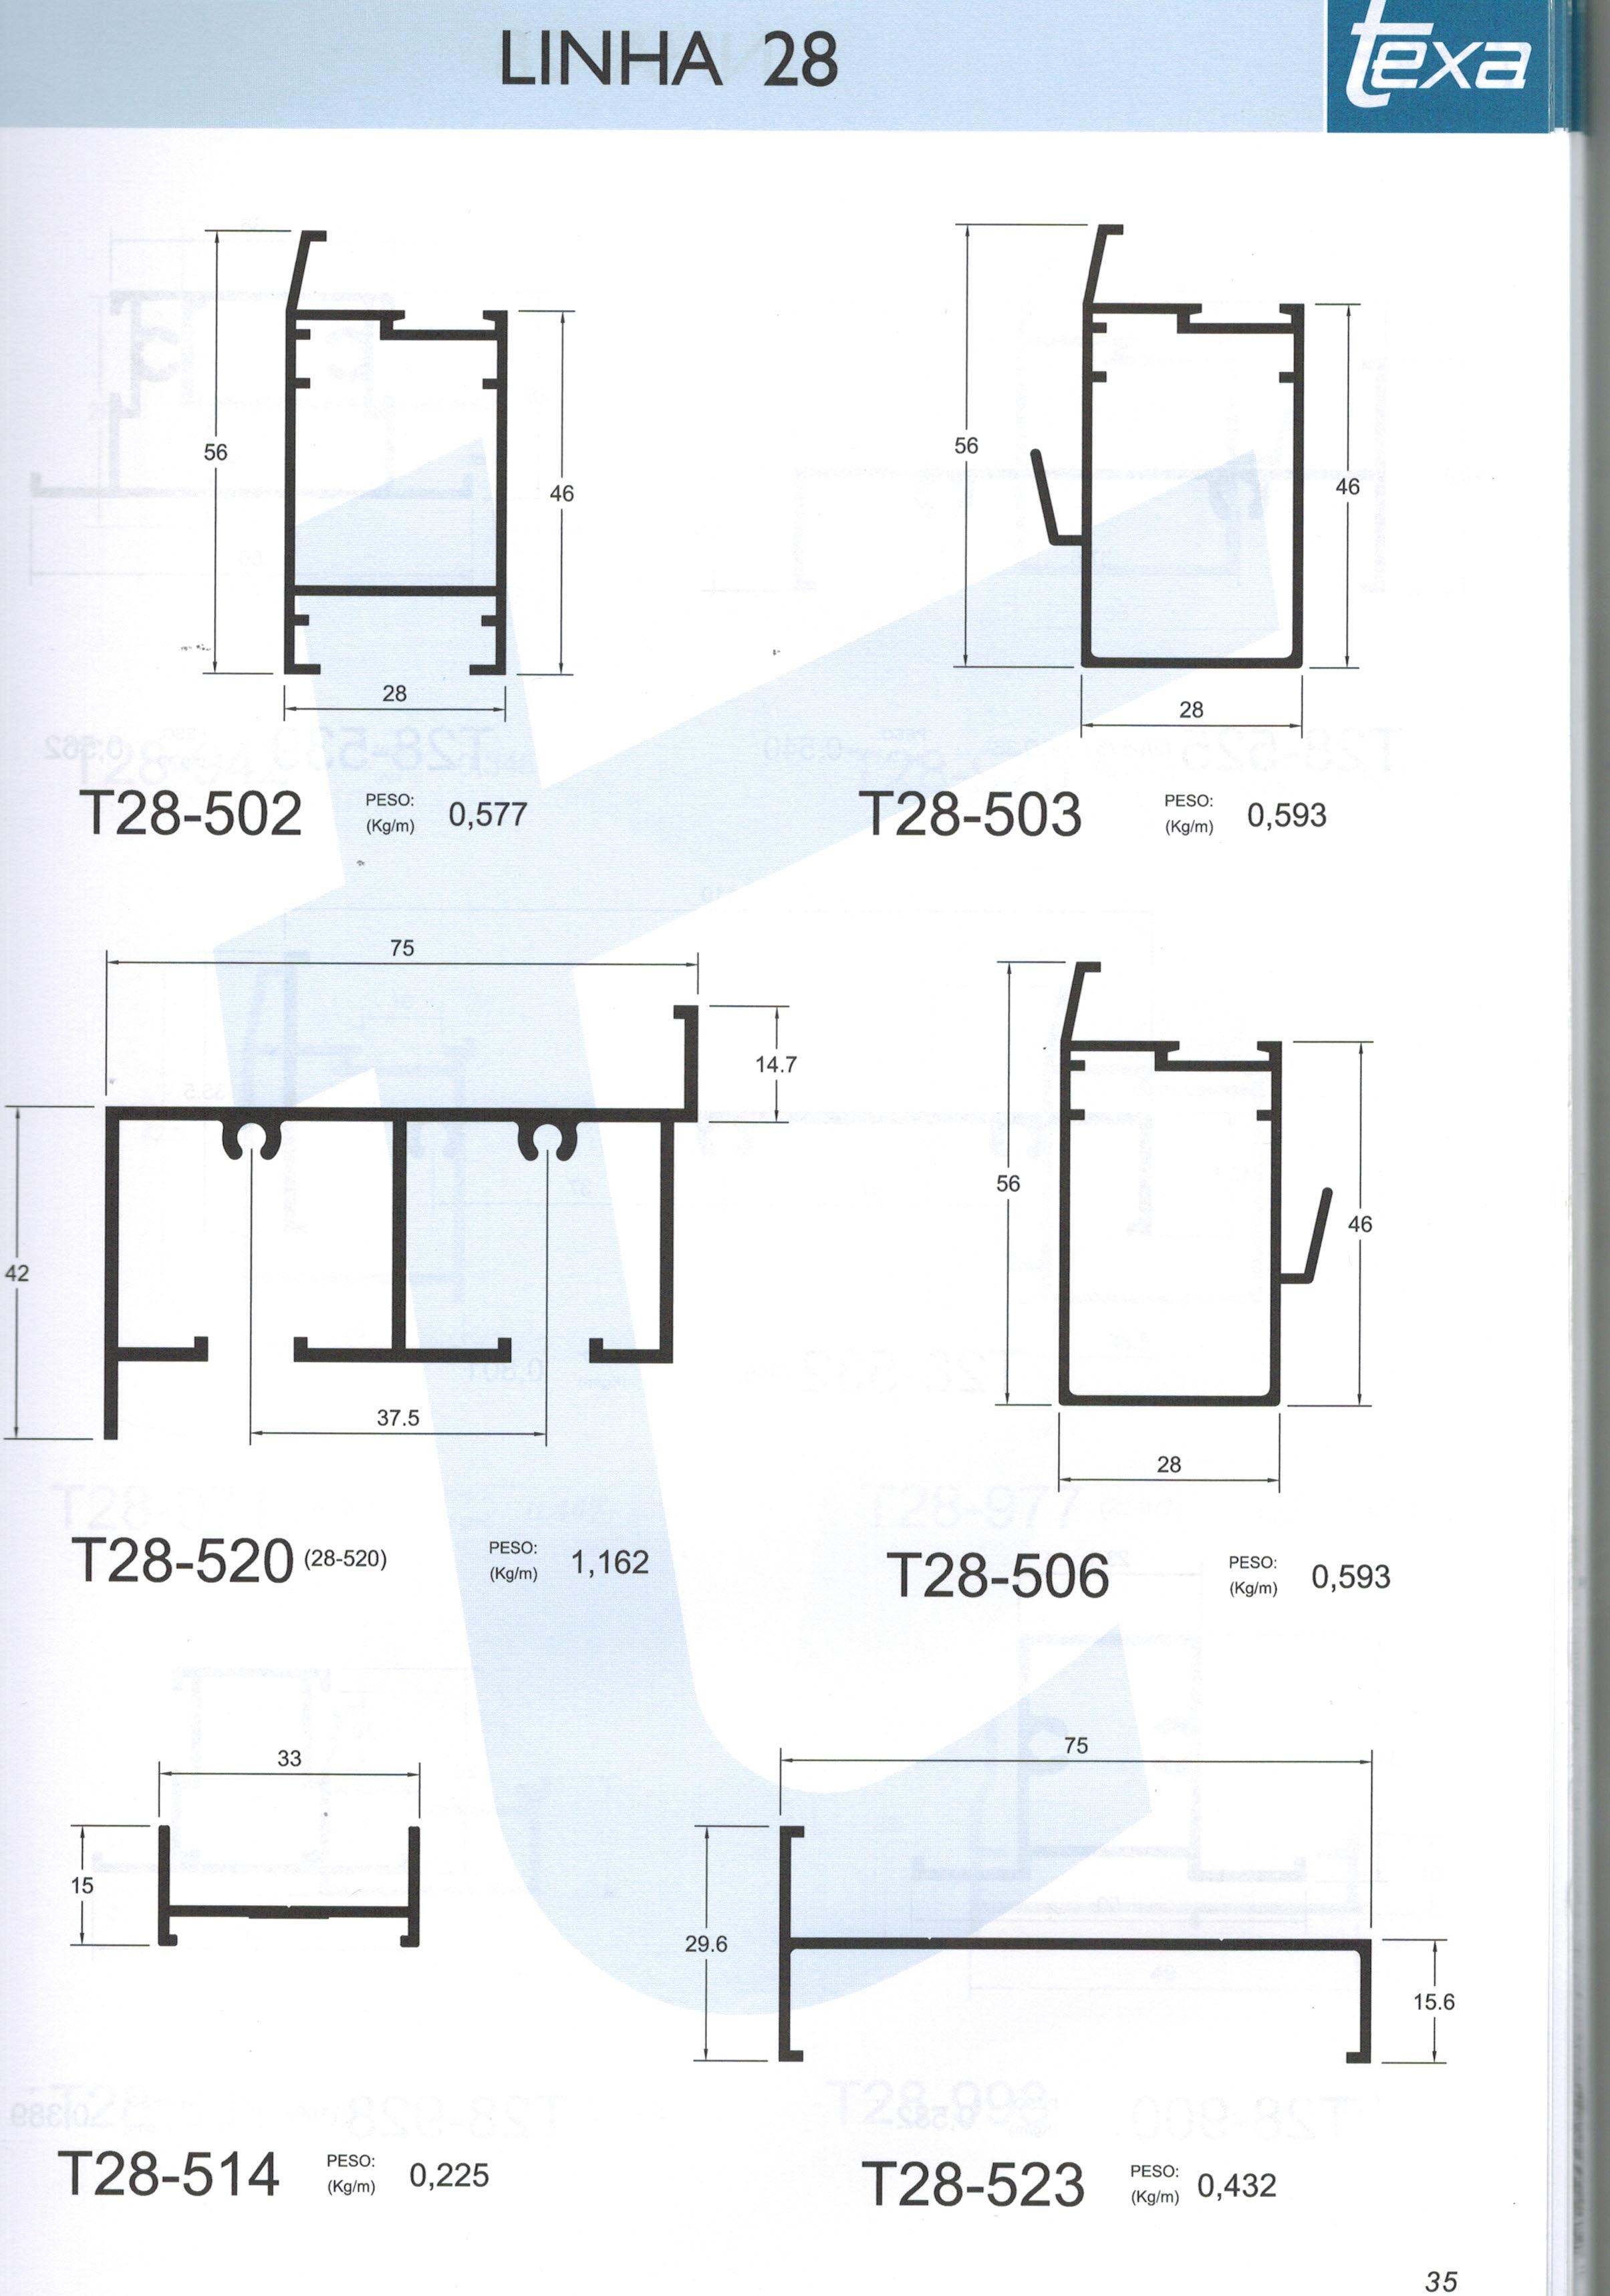 #2F6D8C Perfil 28 1656 Janela De Aluminio Linha 28